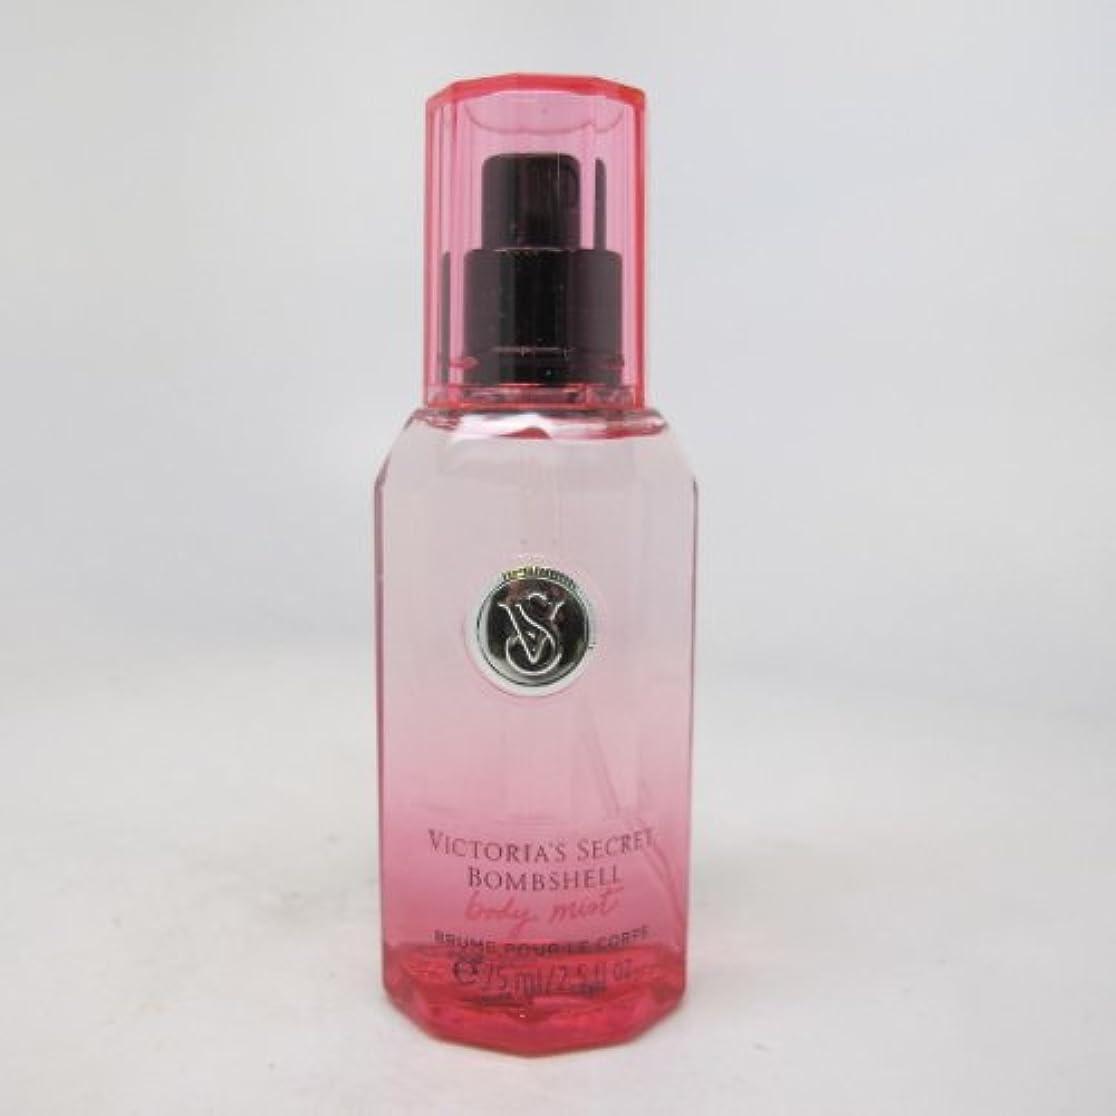 育成しなやか始まりBombshell (ボム シェル) 2.5 oz (75ml) Body Mist by Victoria Secret for Women[海外直送品]